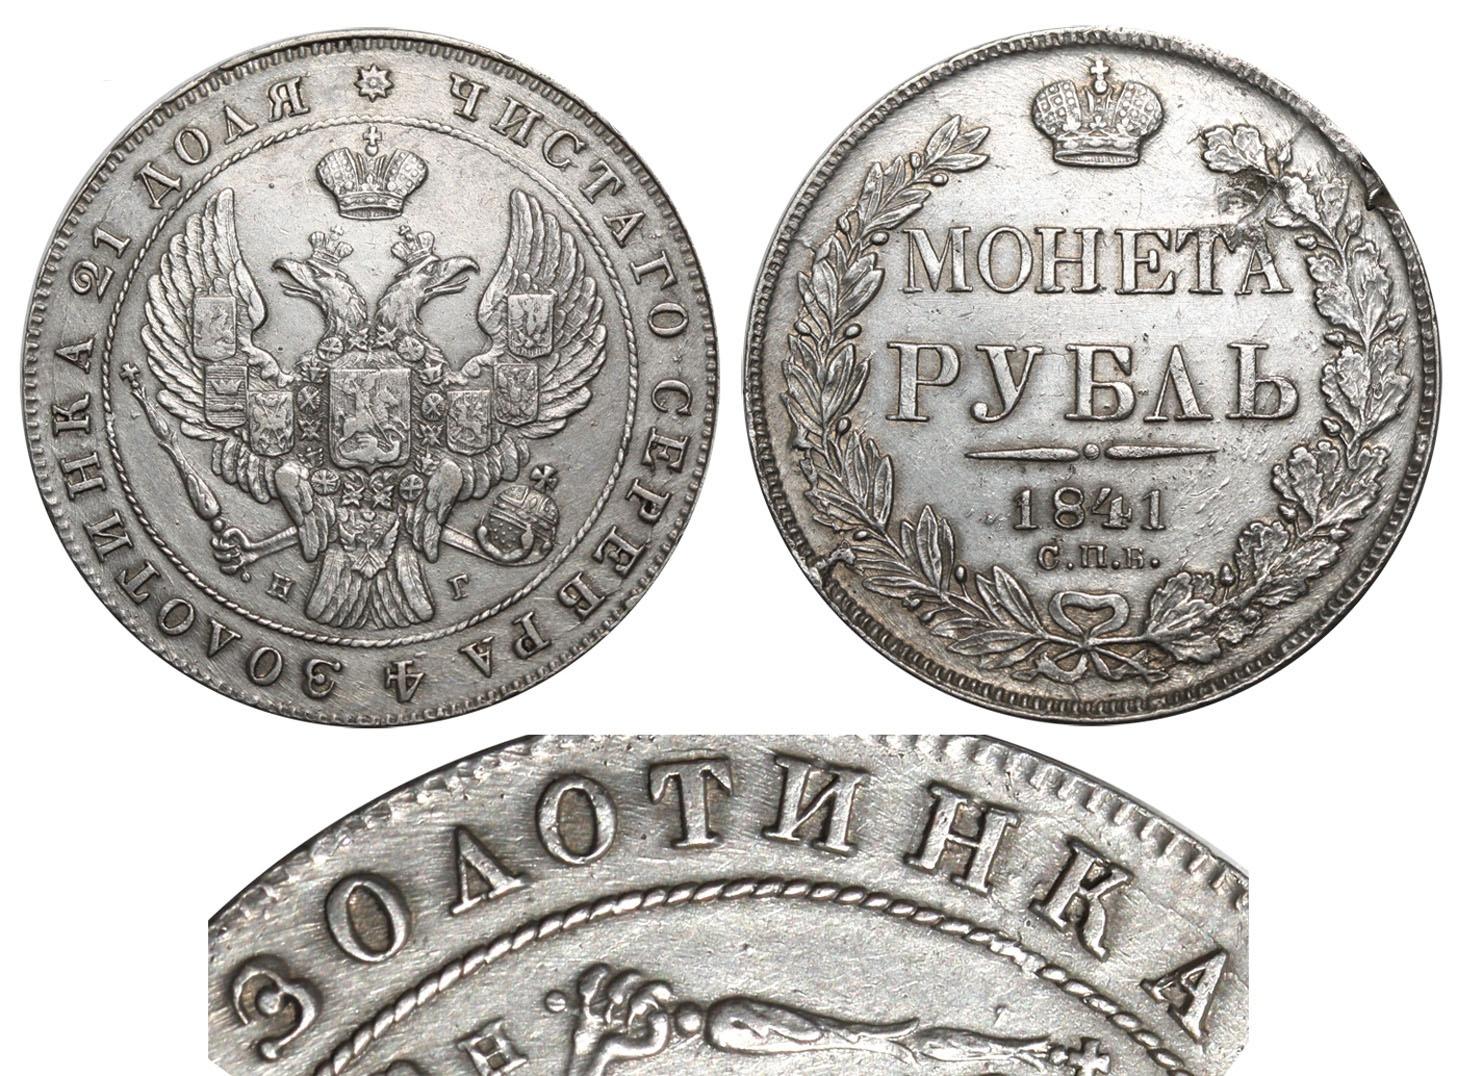 Рубль 1841 СПБ-НГ IVб-Г ЗОЛОТИНКА.jpg